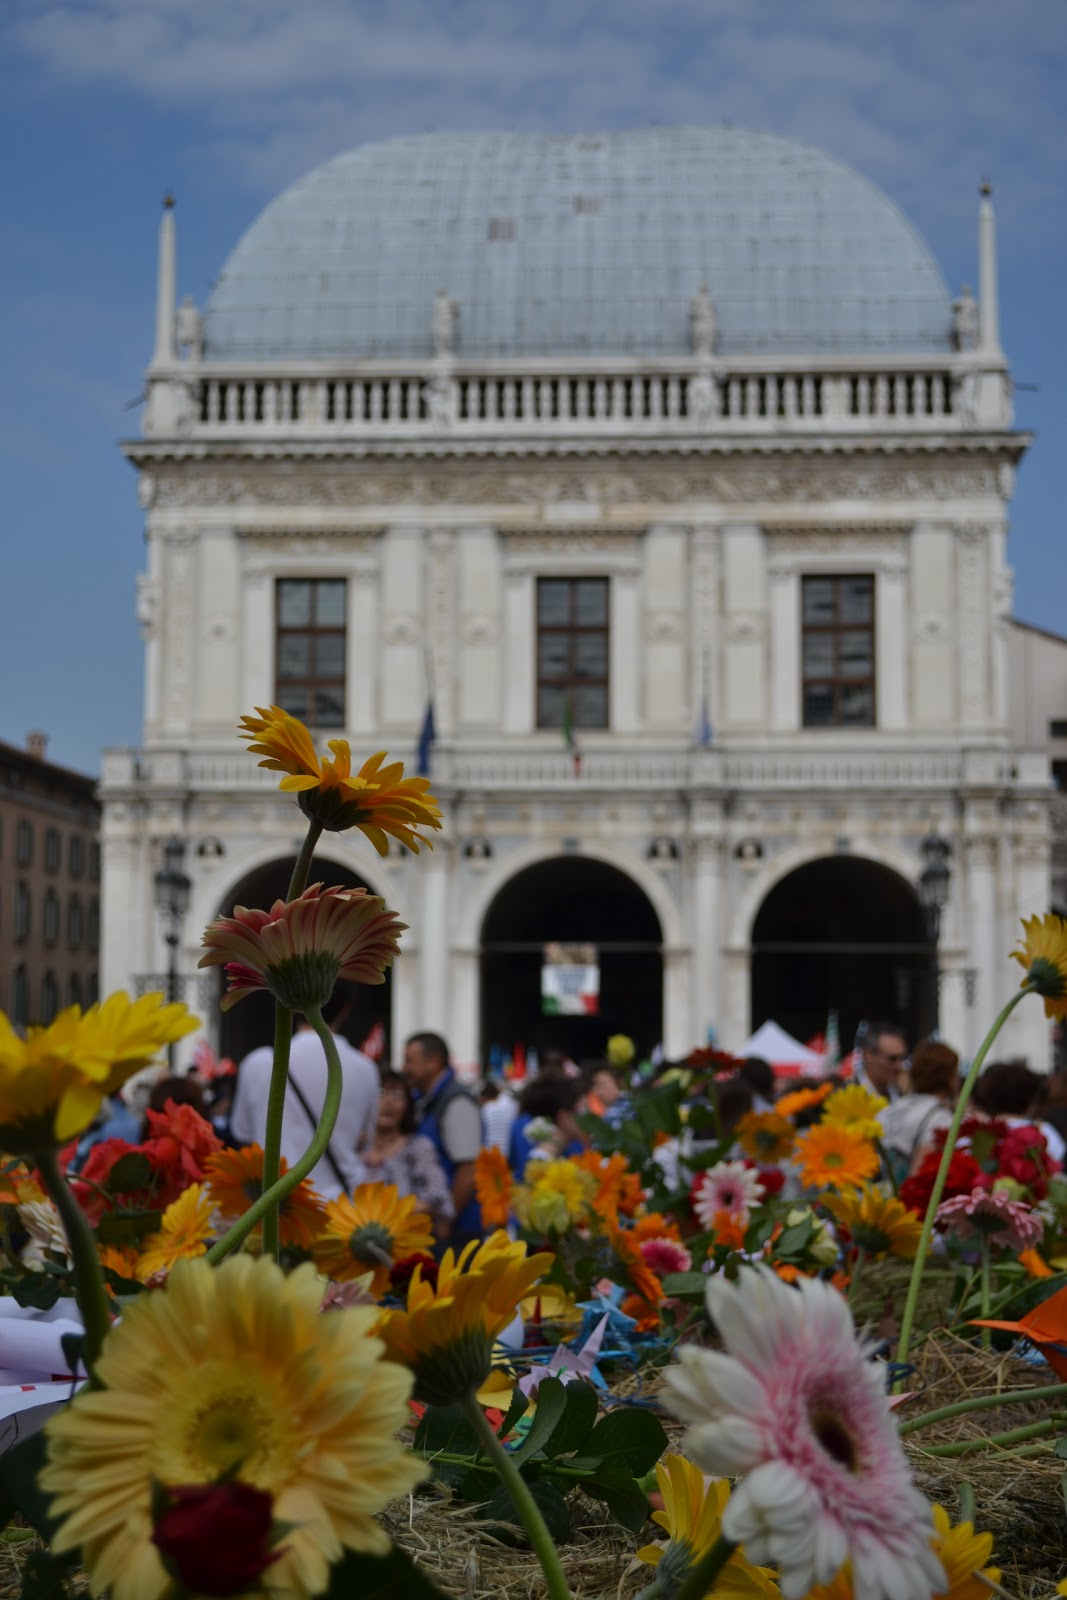 15dc539cb Ma noi sappiamo e vogliamo ricordare, nella speranza che un giorno la  Verità possa camminare a testa alta in questa bella e, allora non più  triste, piazza.